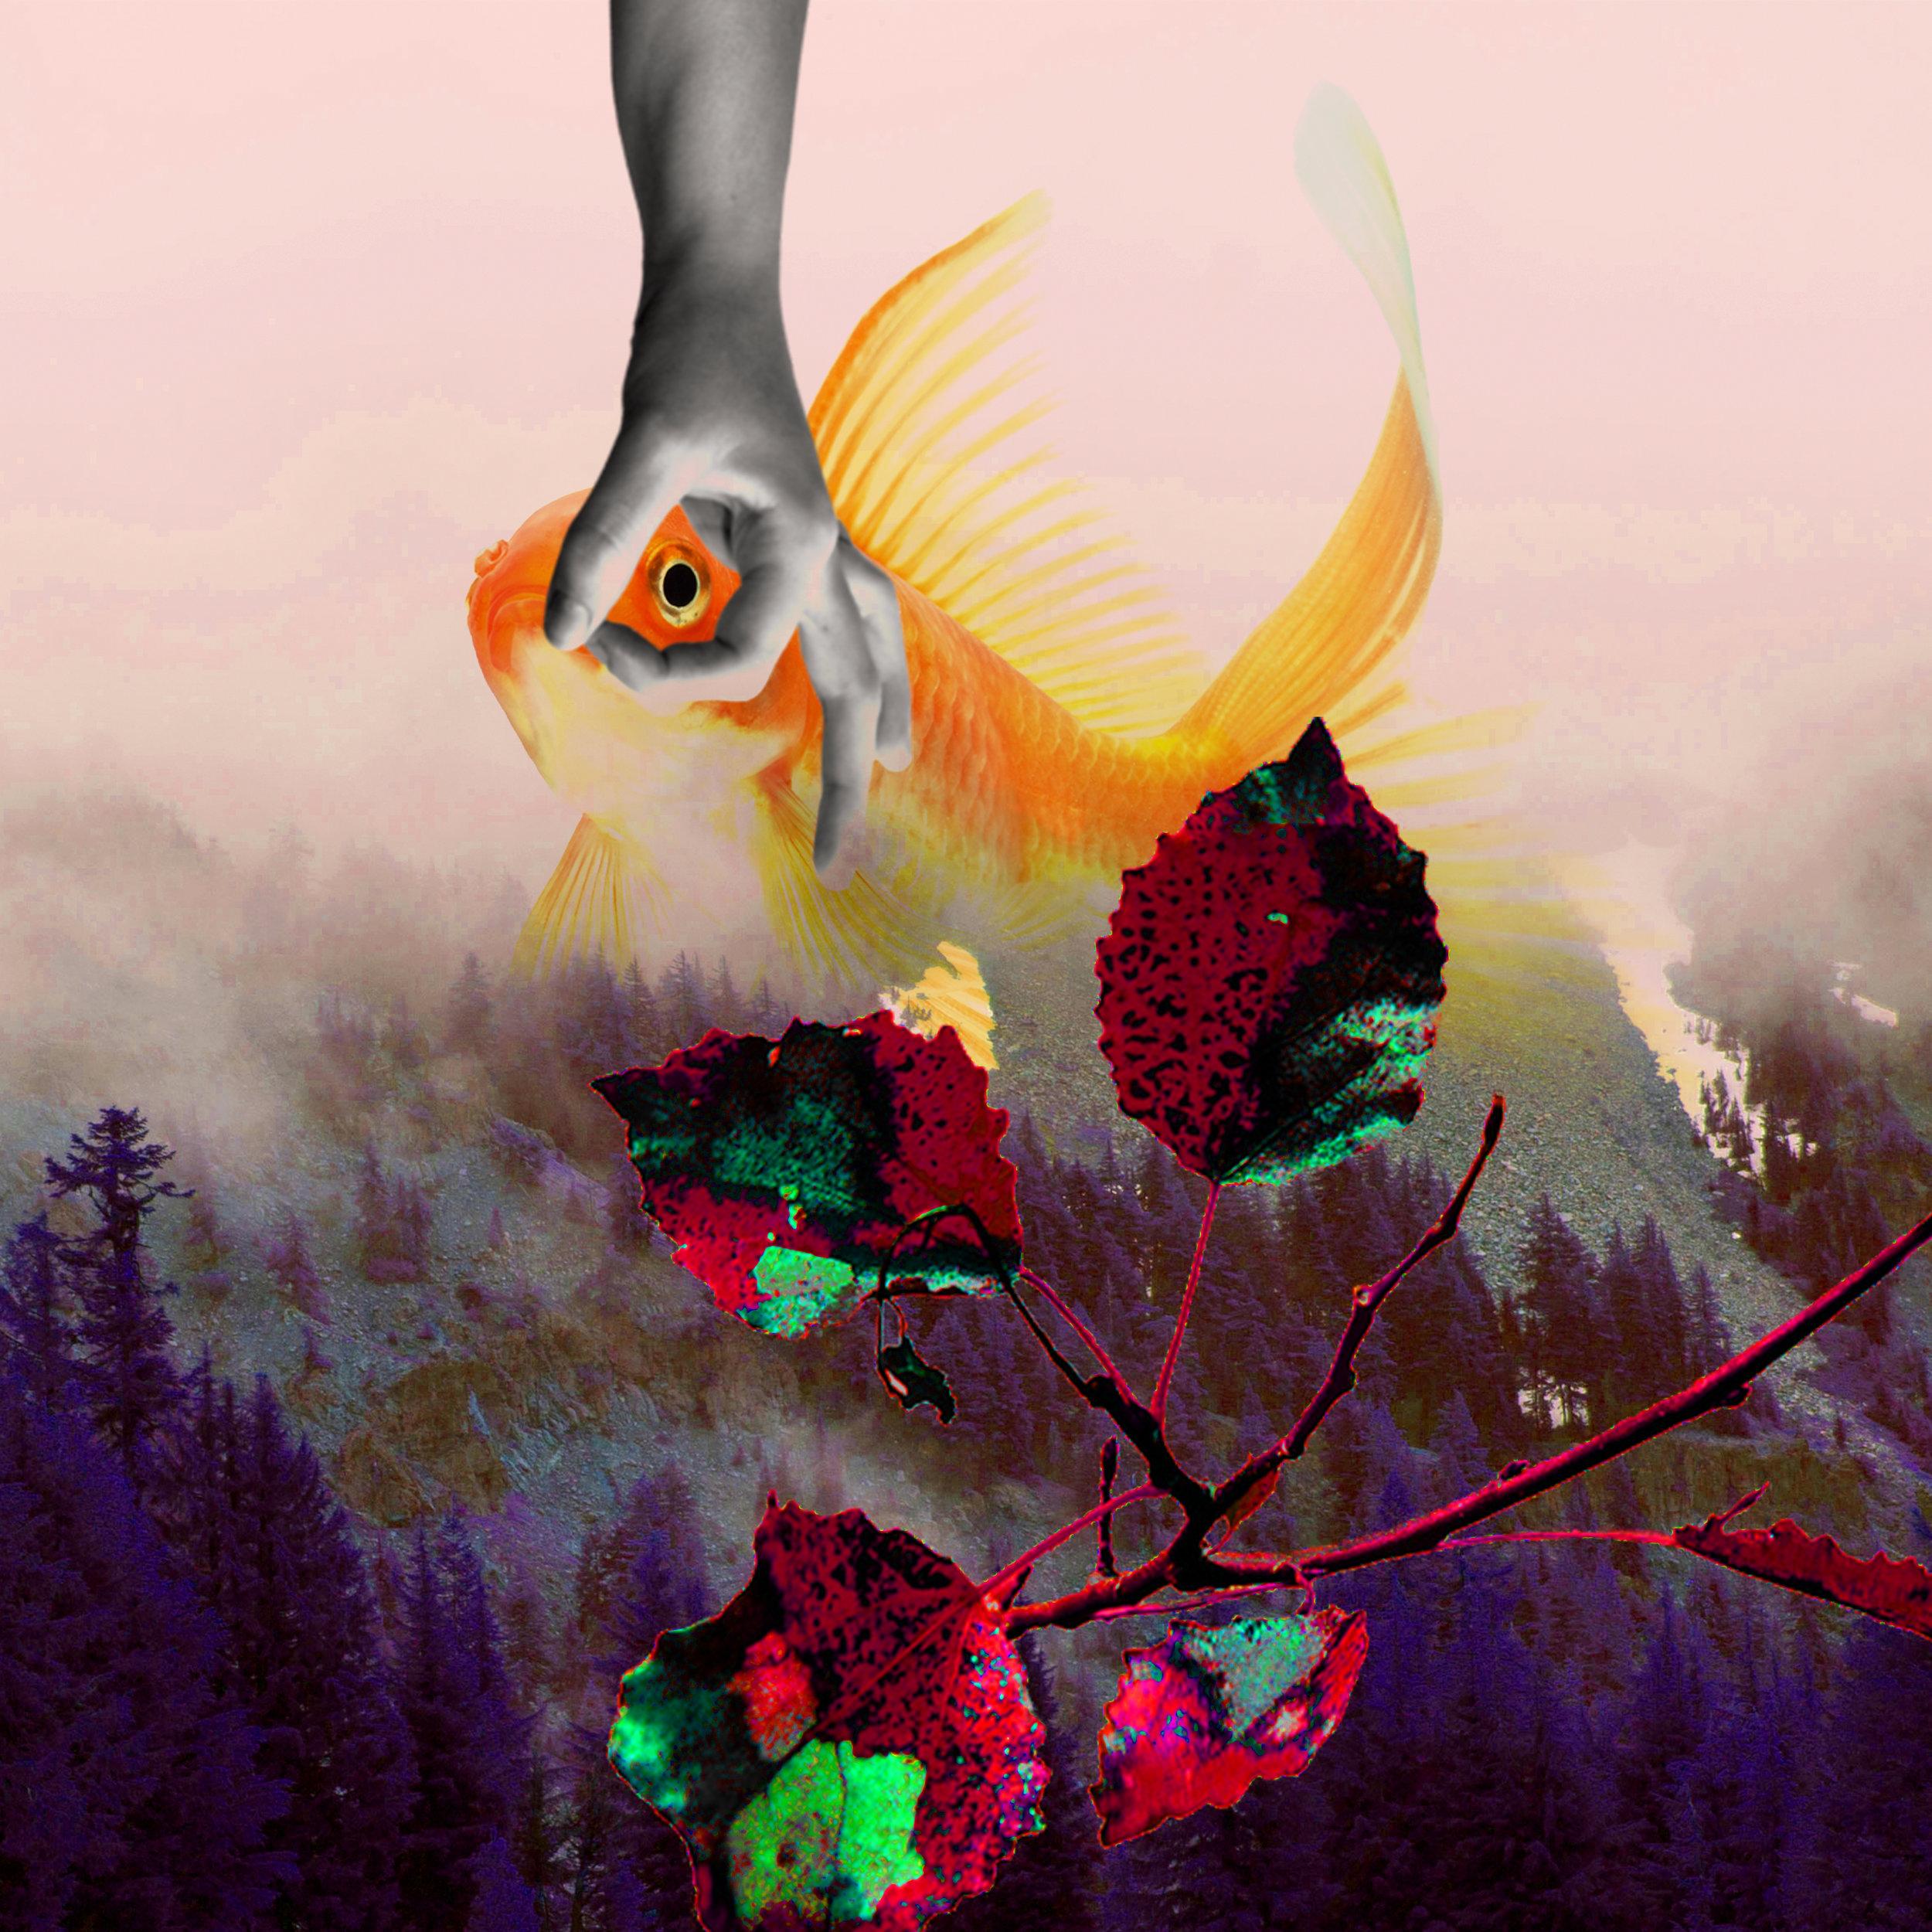 Volt's Canvas - 10x10%22 - aquatic forest.jpg